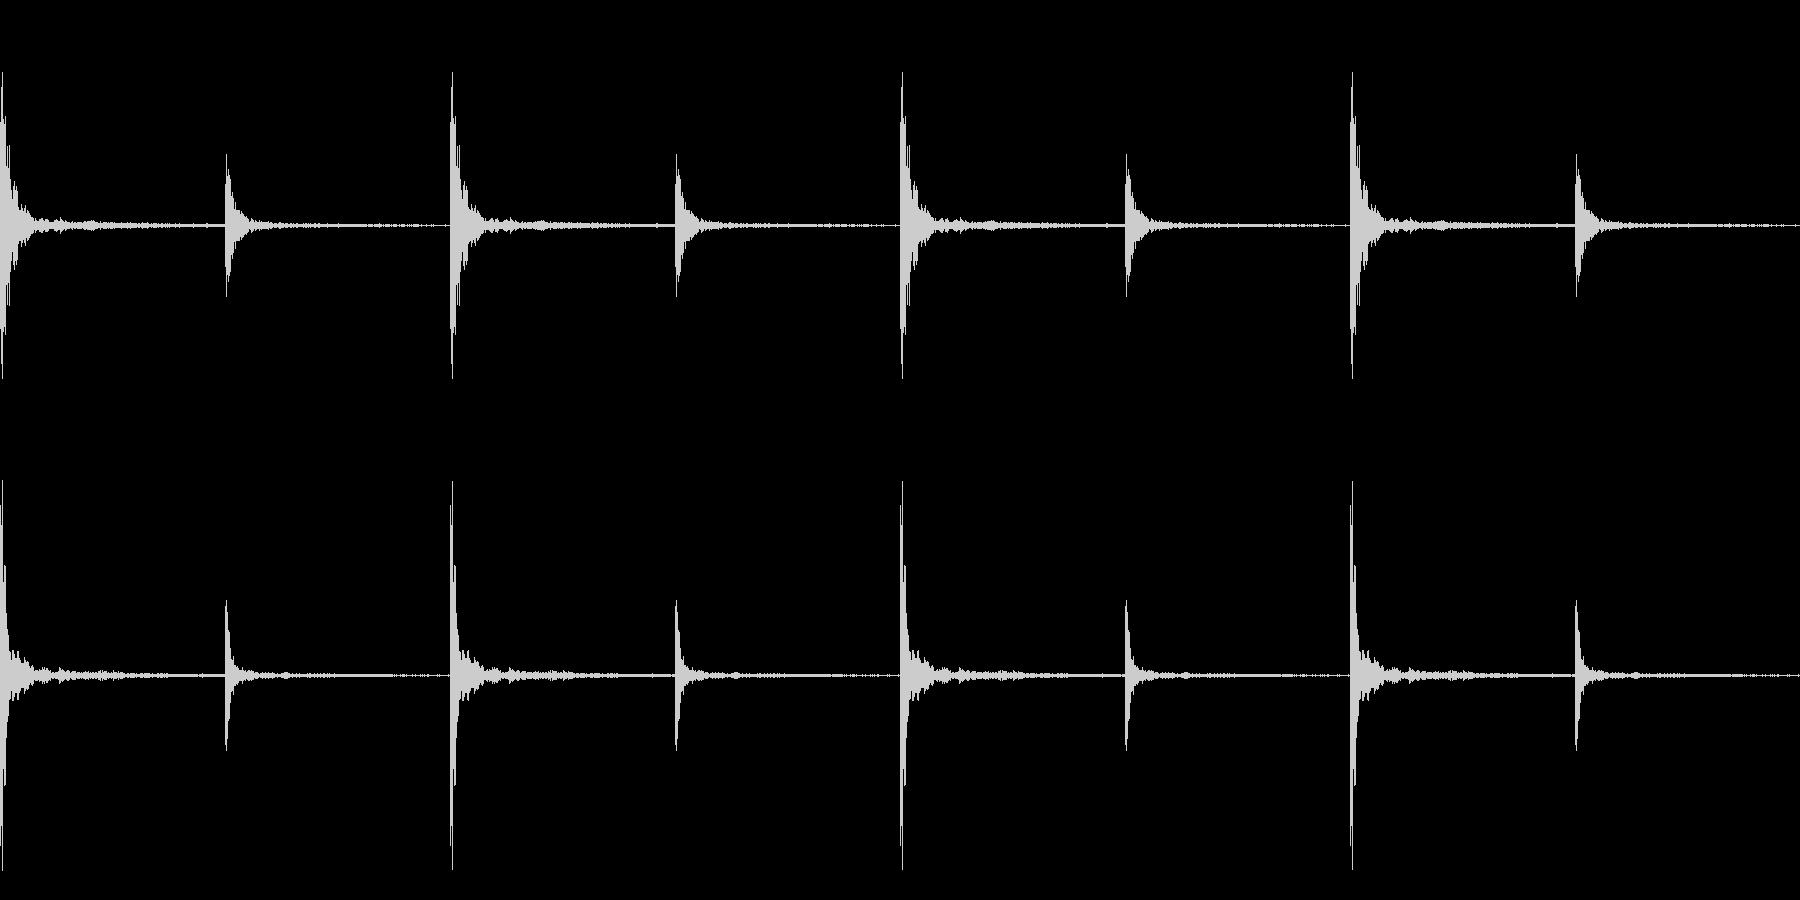 時計、タイマー、ストップウォッチ_A_7の未再生の波形